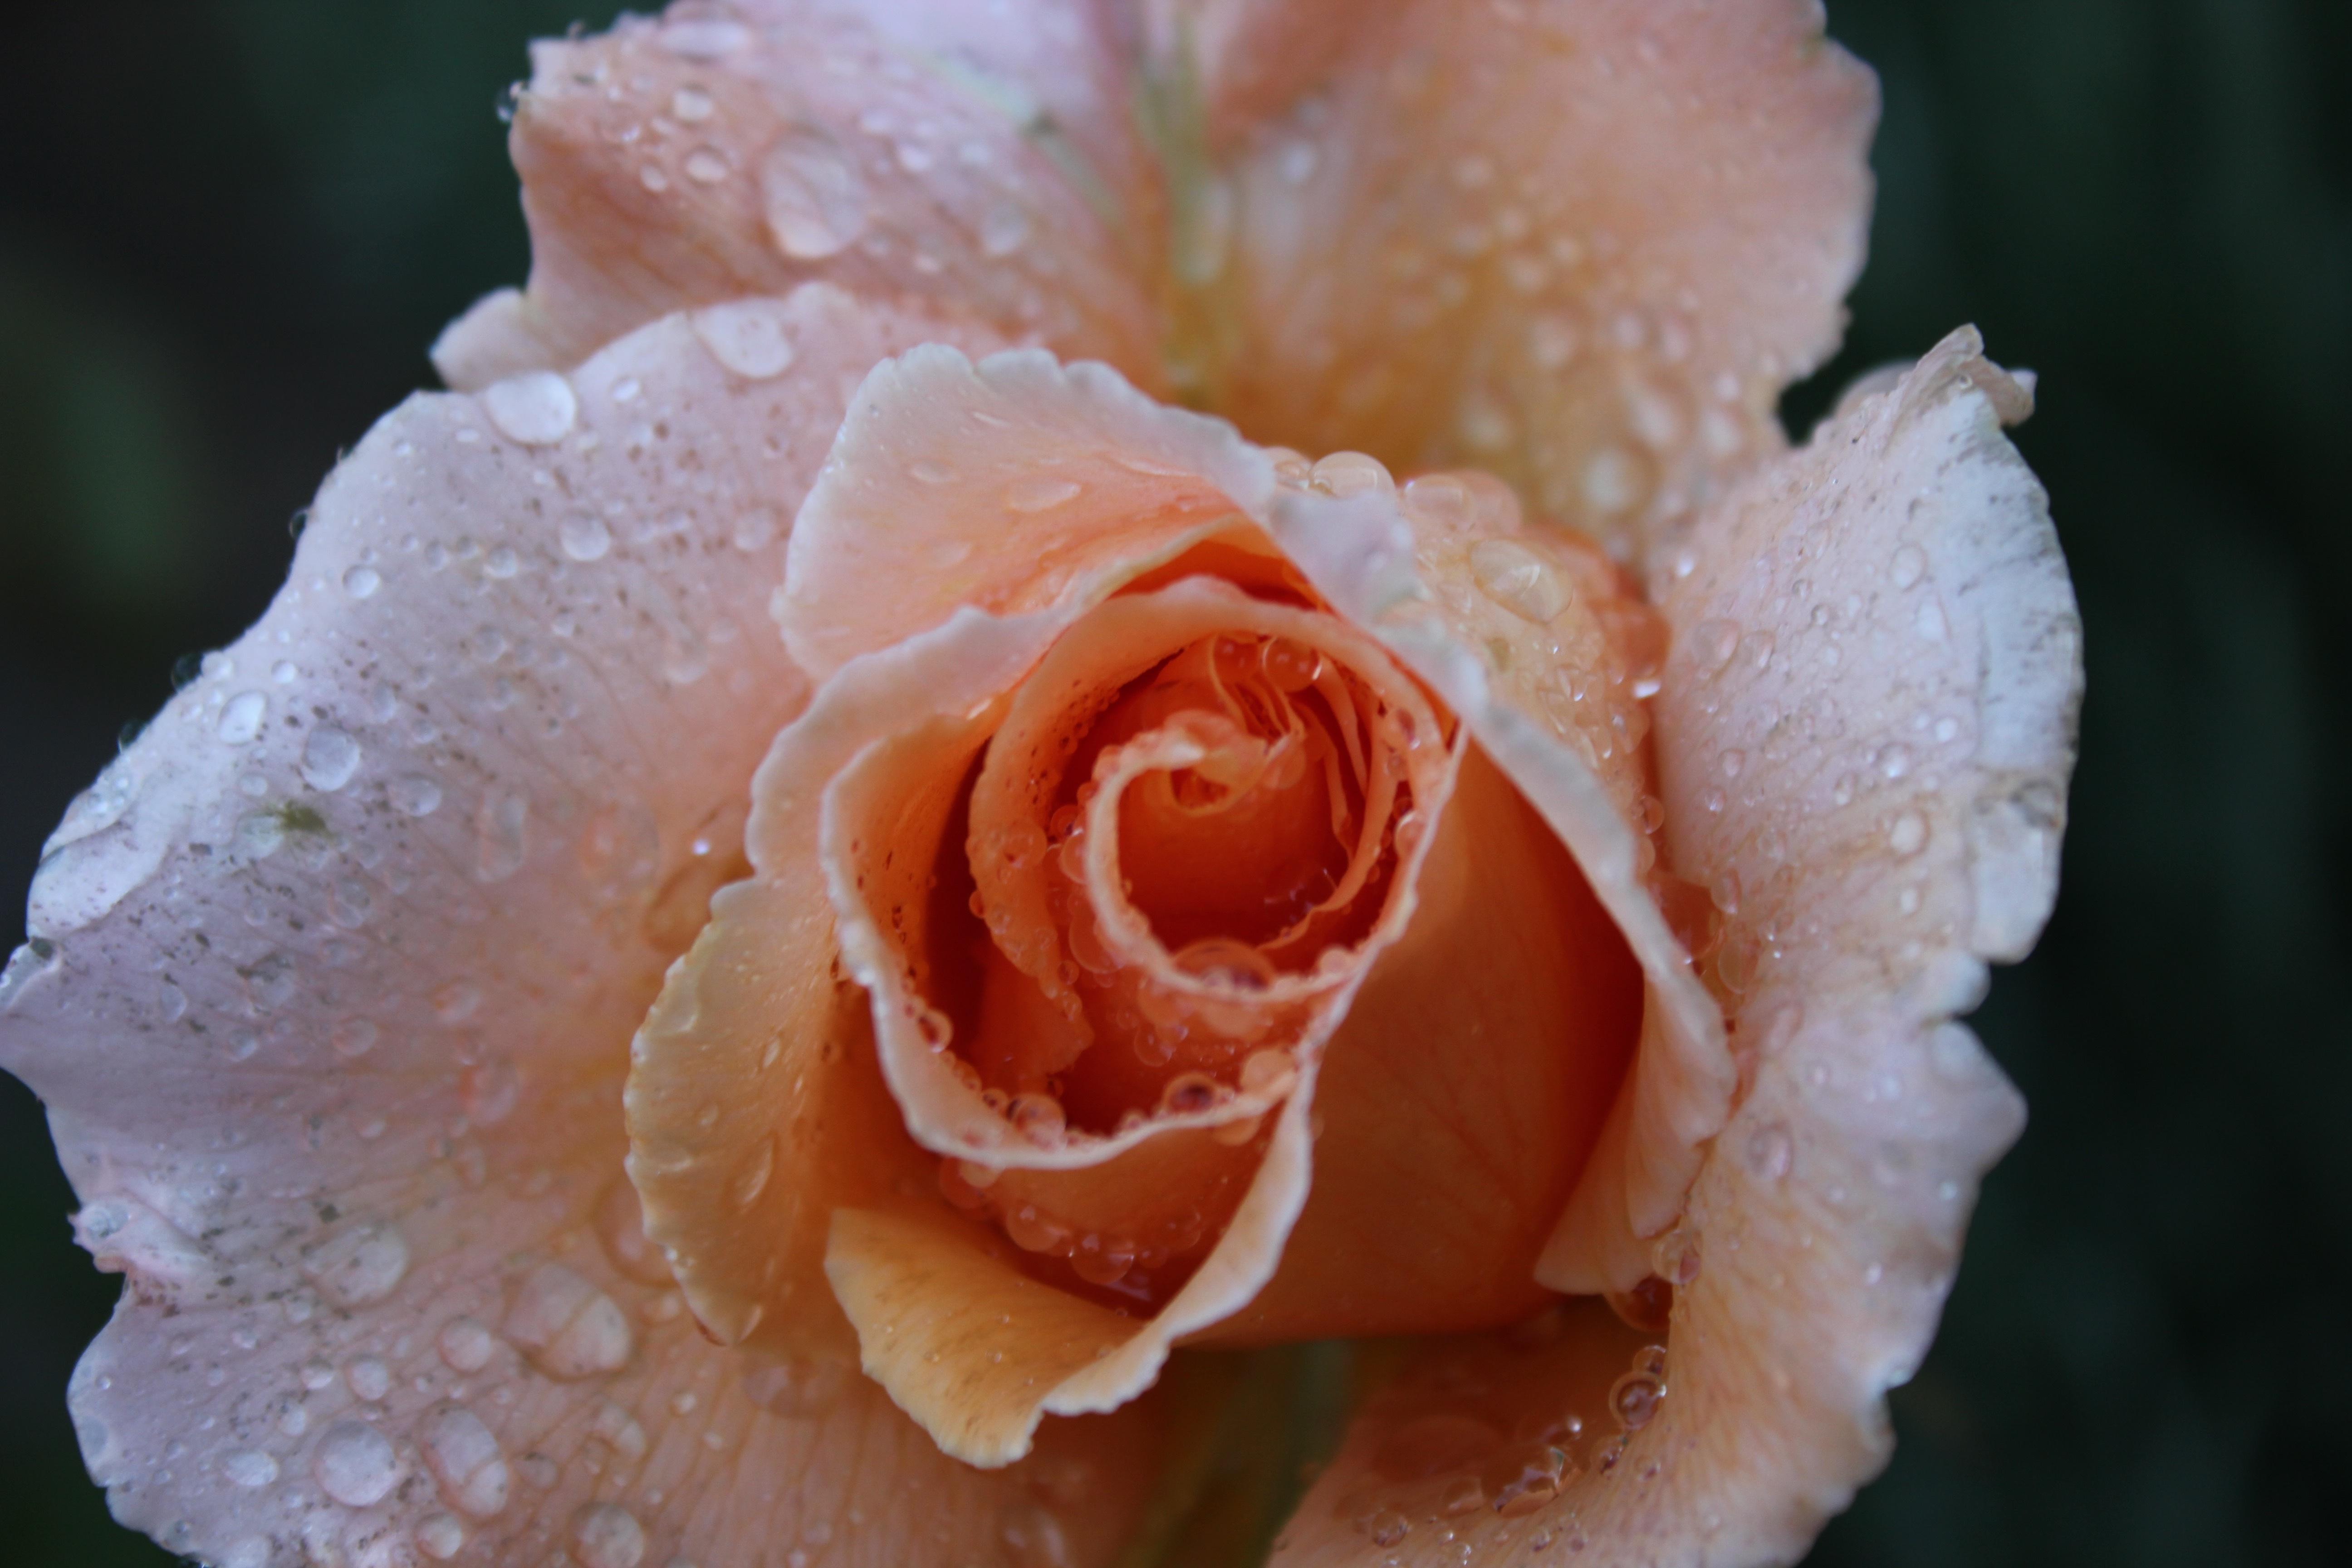 типов фото большие розы с росой идея для